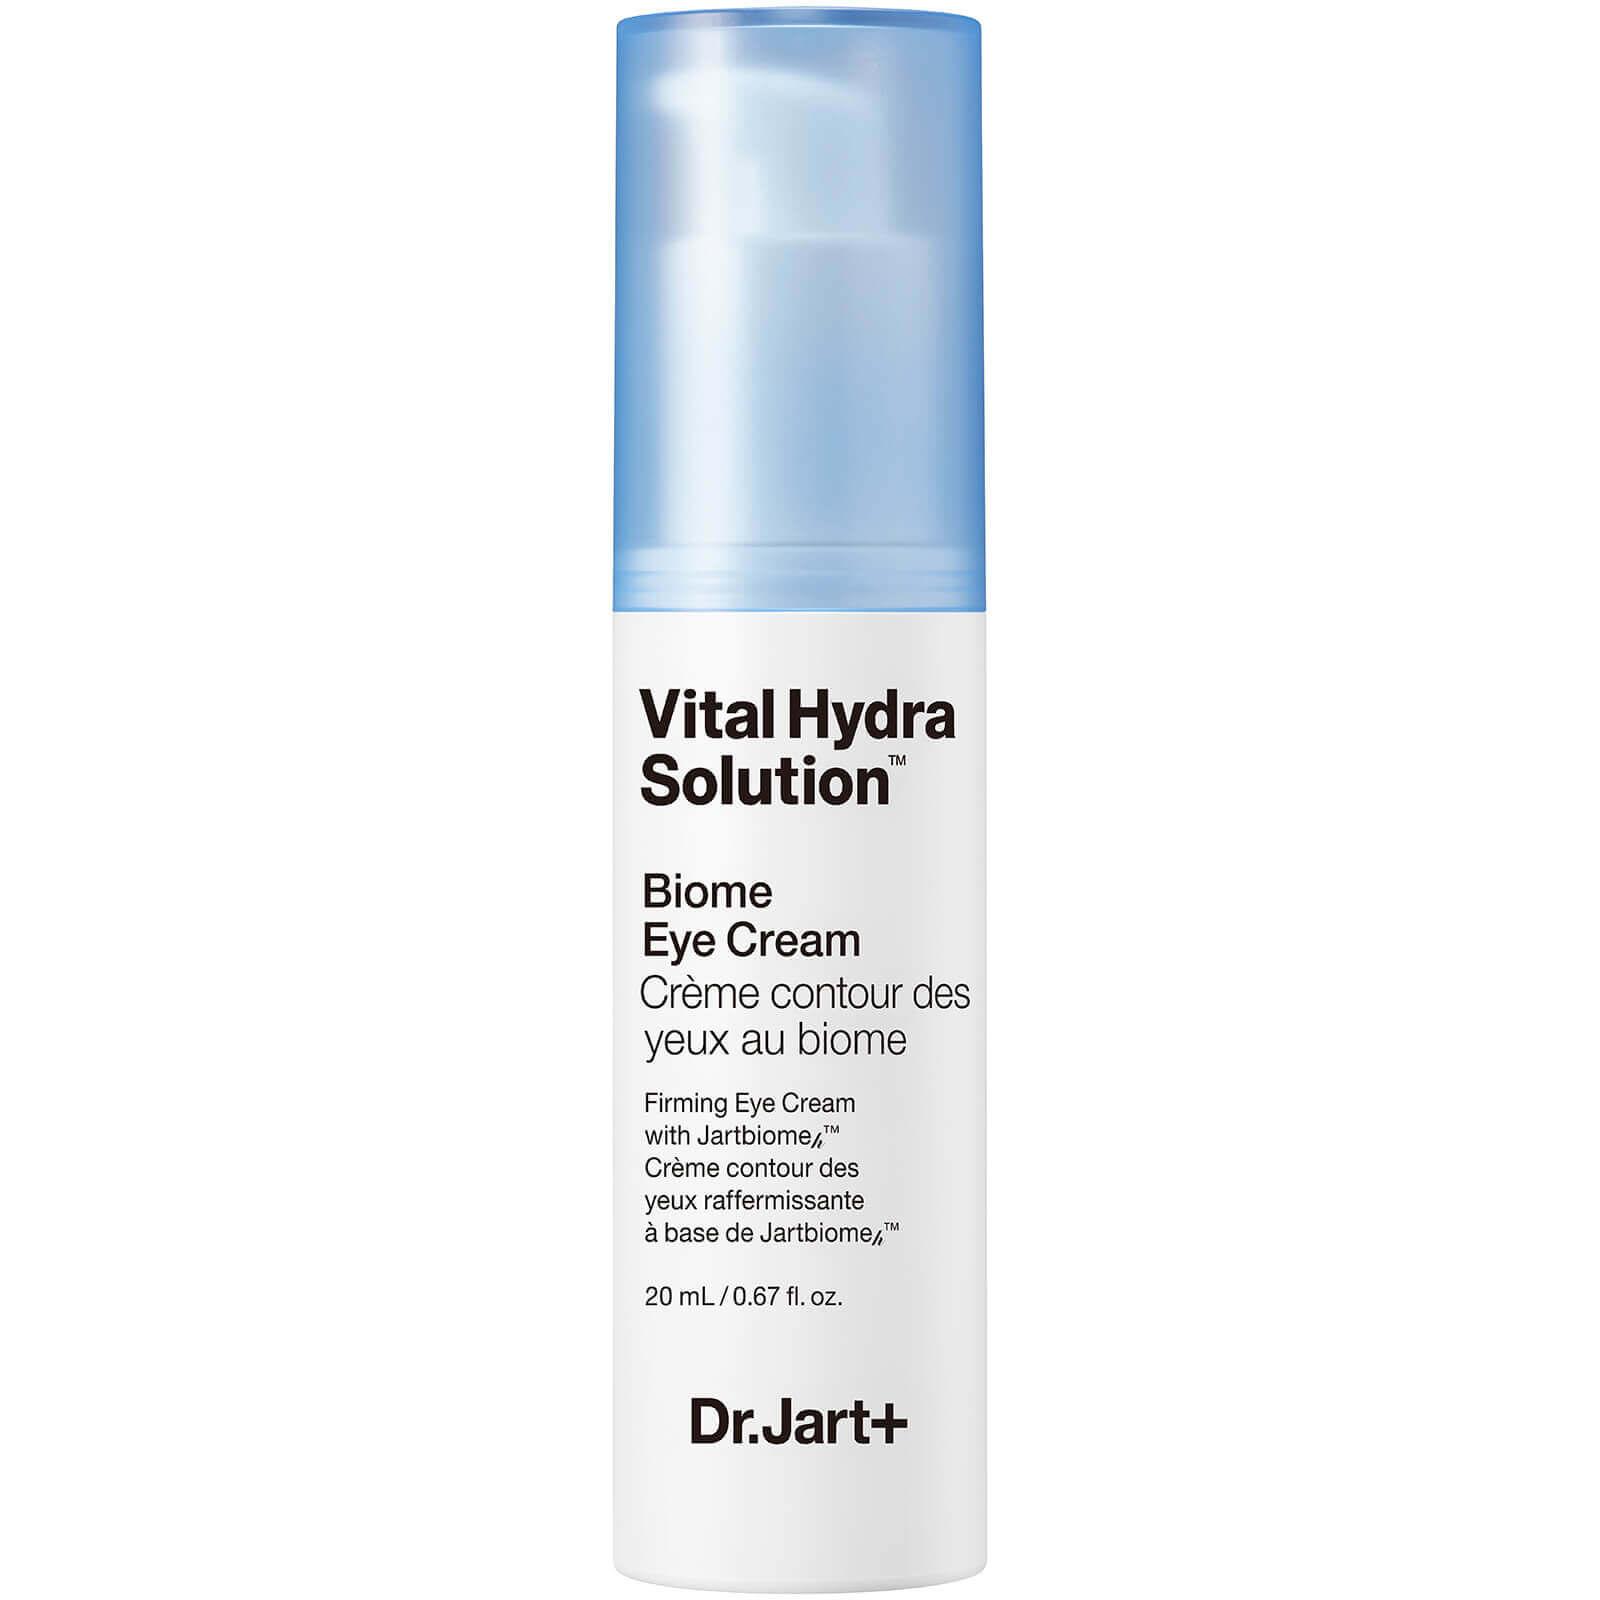 Крем для кожи вокруг глаз  Dr.Jart+ Vital Hydra Solution Biome Eye Cream 20 мл